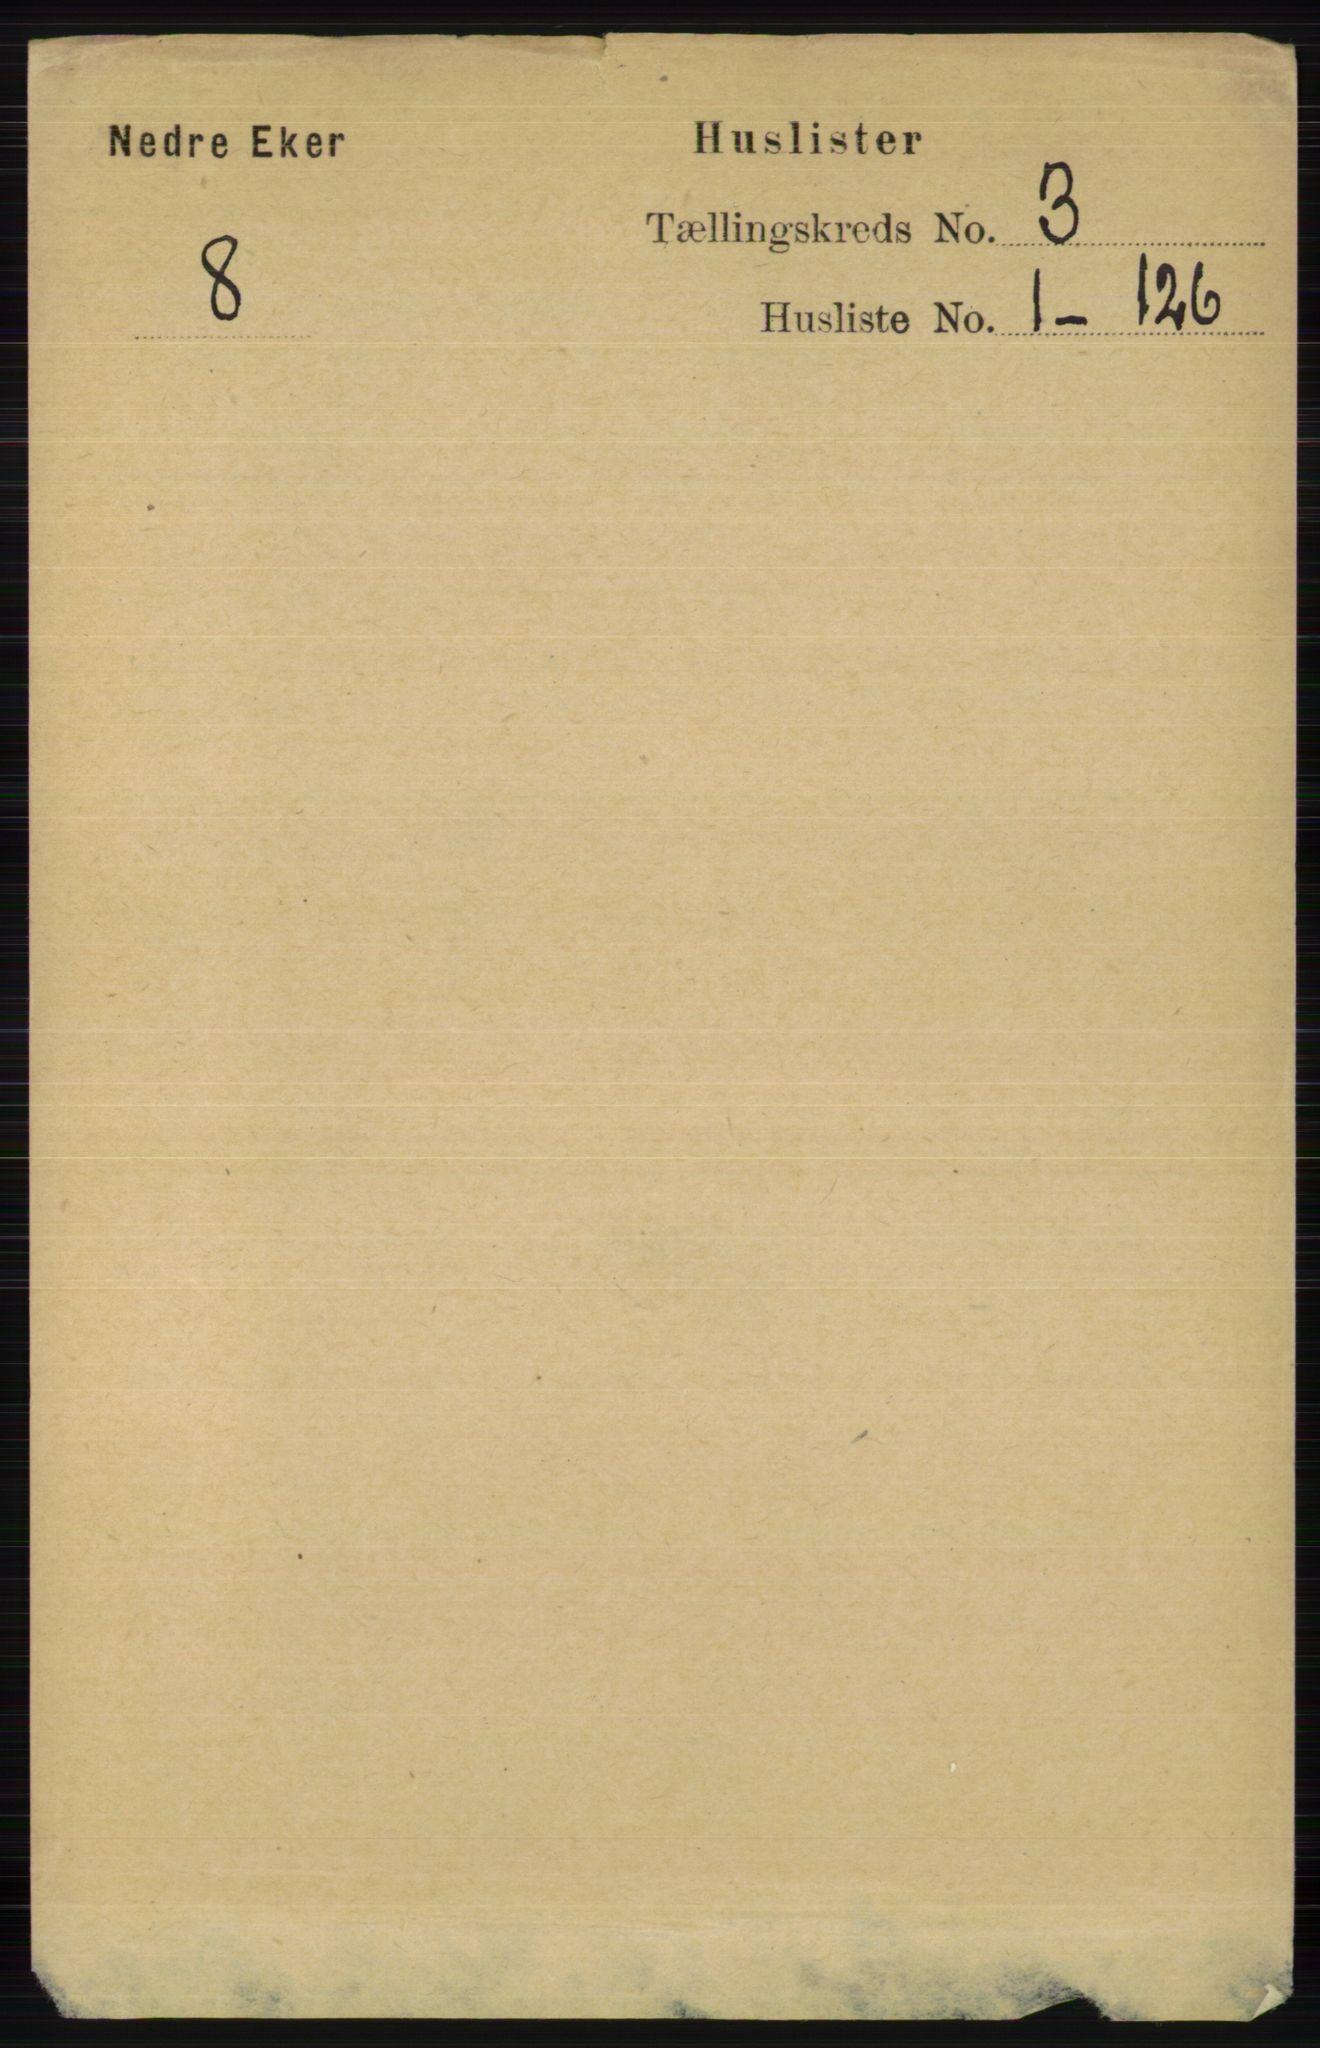 RA, Folketelling 1891 for 0625 Nedre Eiker herred, 1891, s. 1063